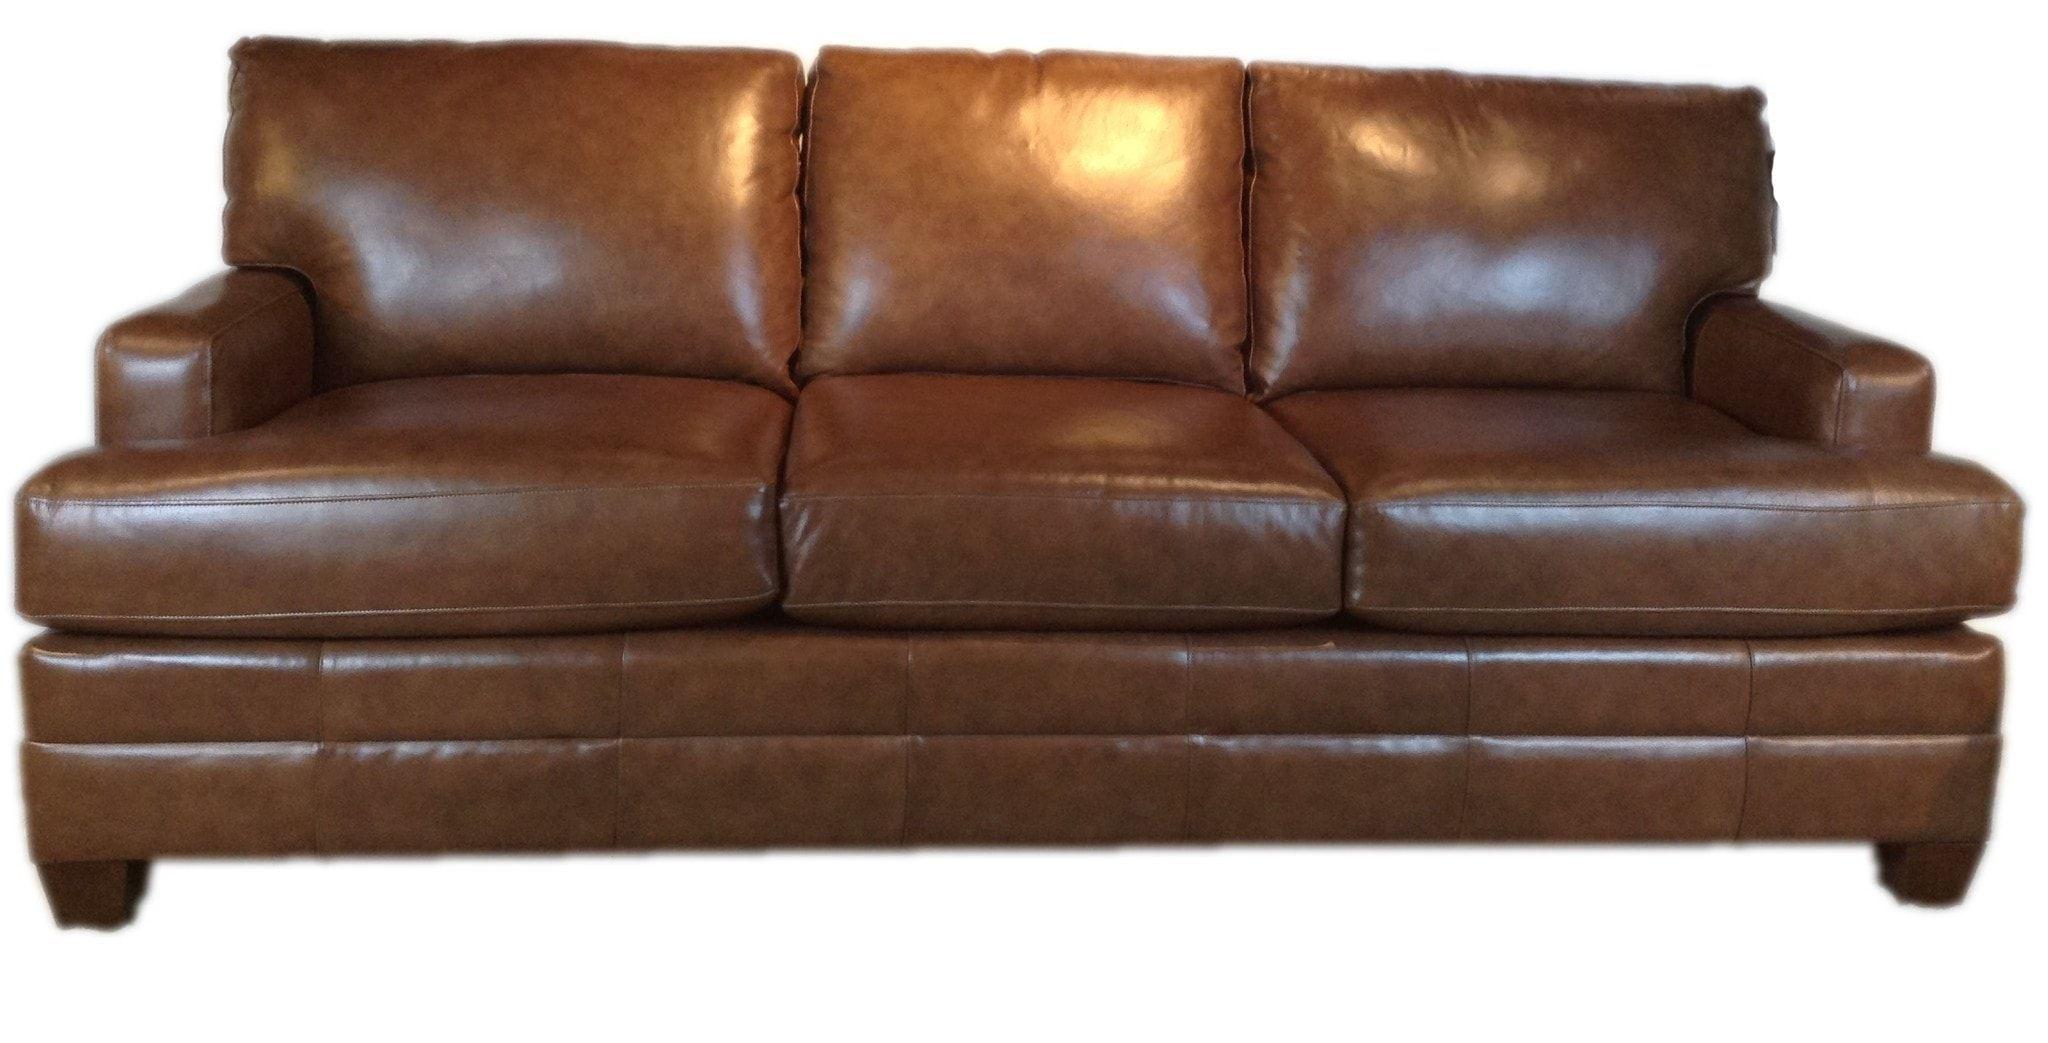 Leather Sofa 3849 72